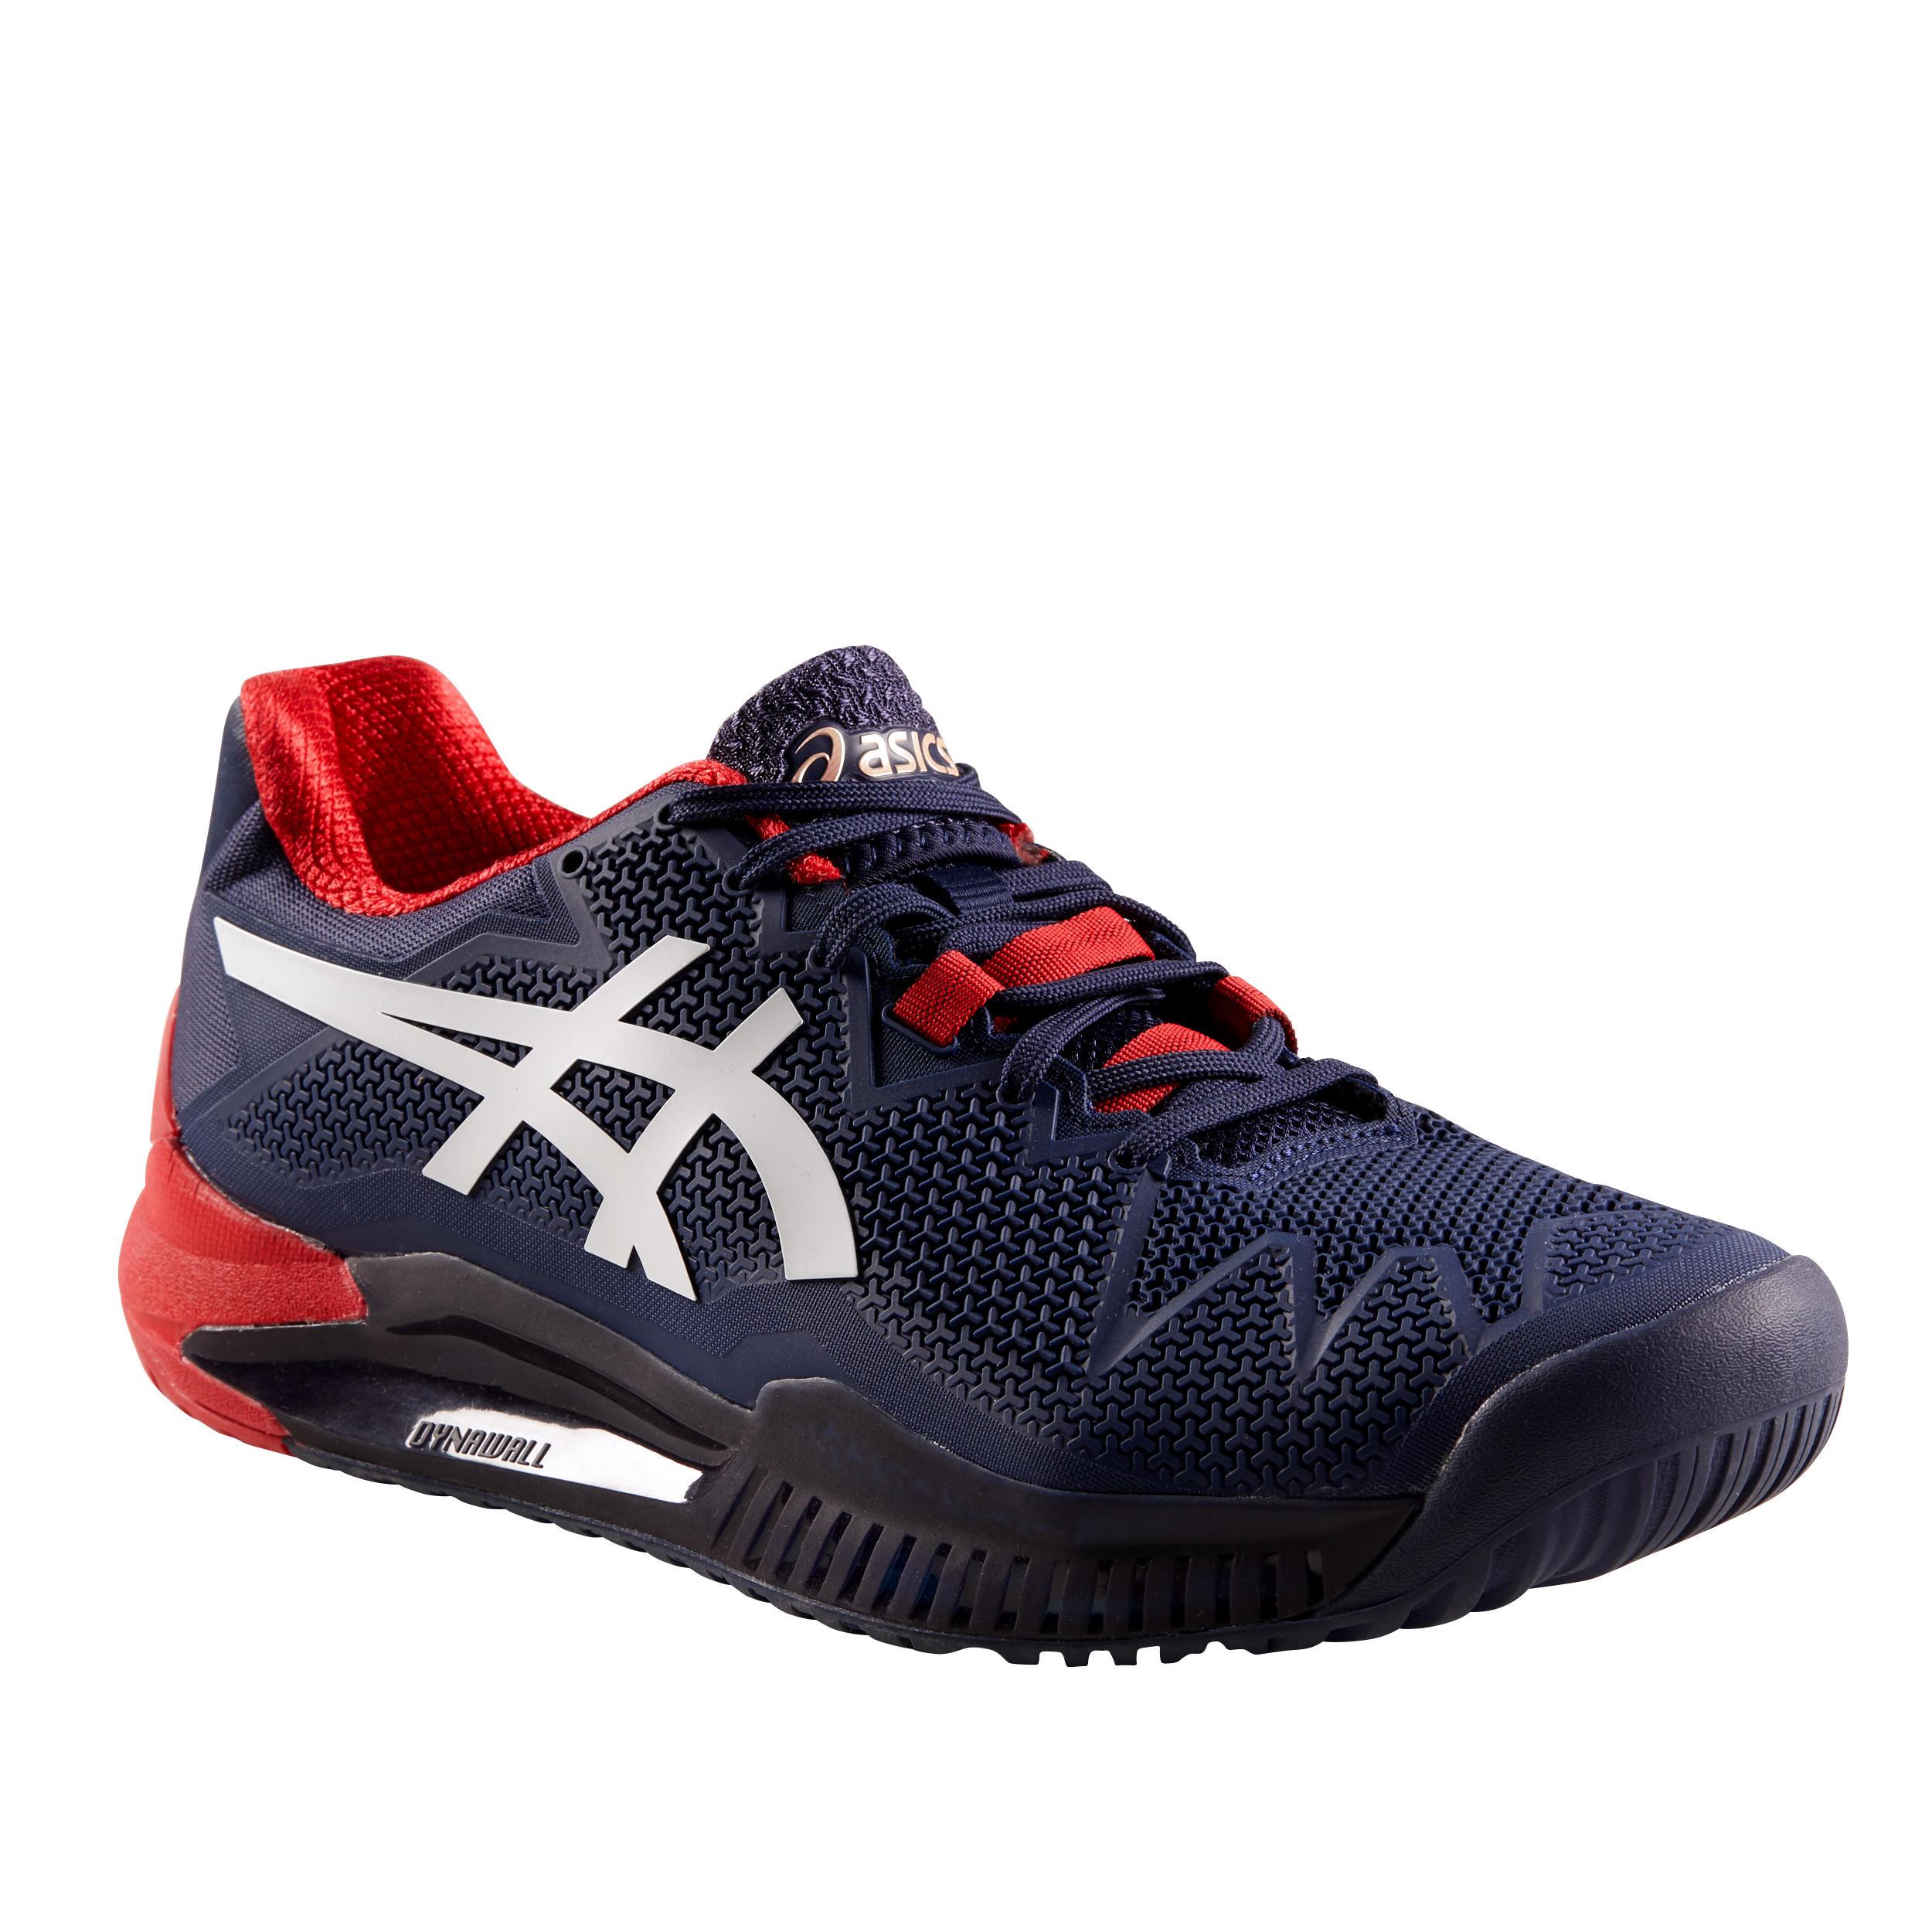 Men's Multi-Court Tennis Shoes Gel